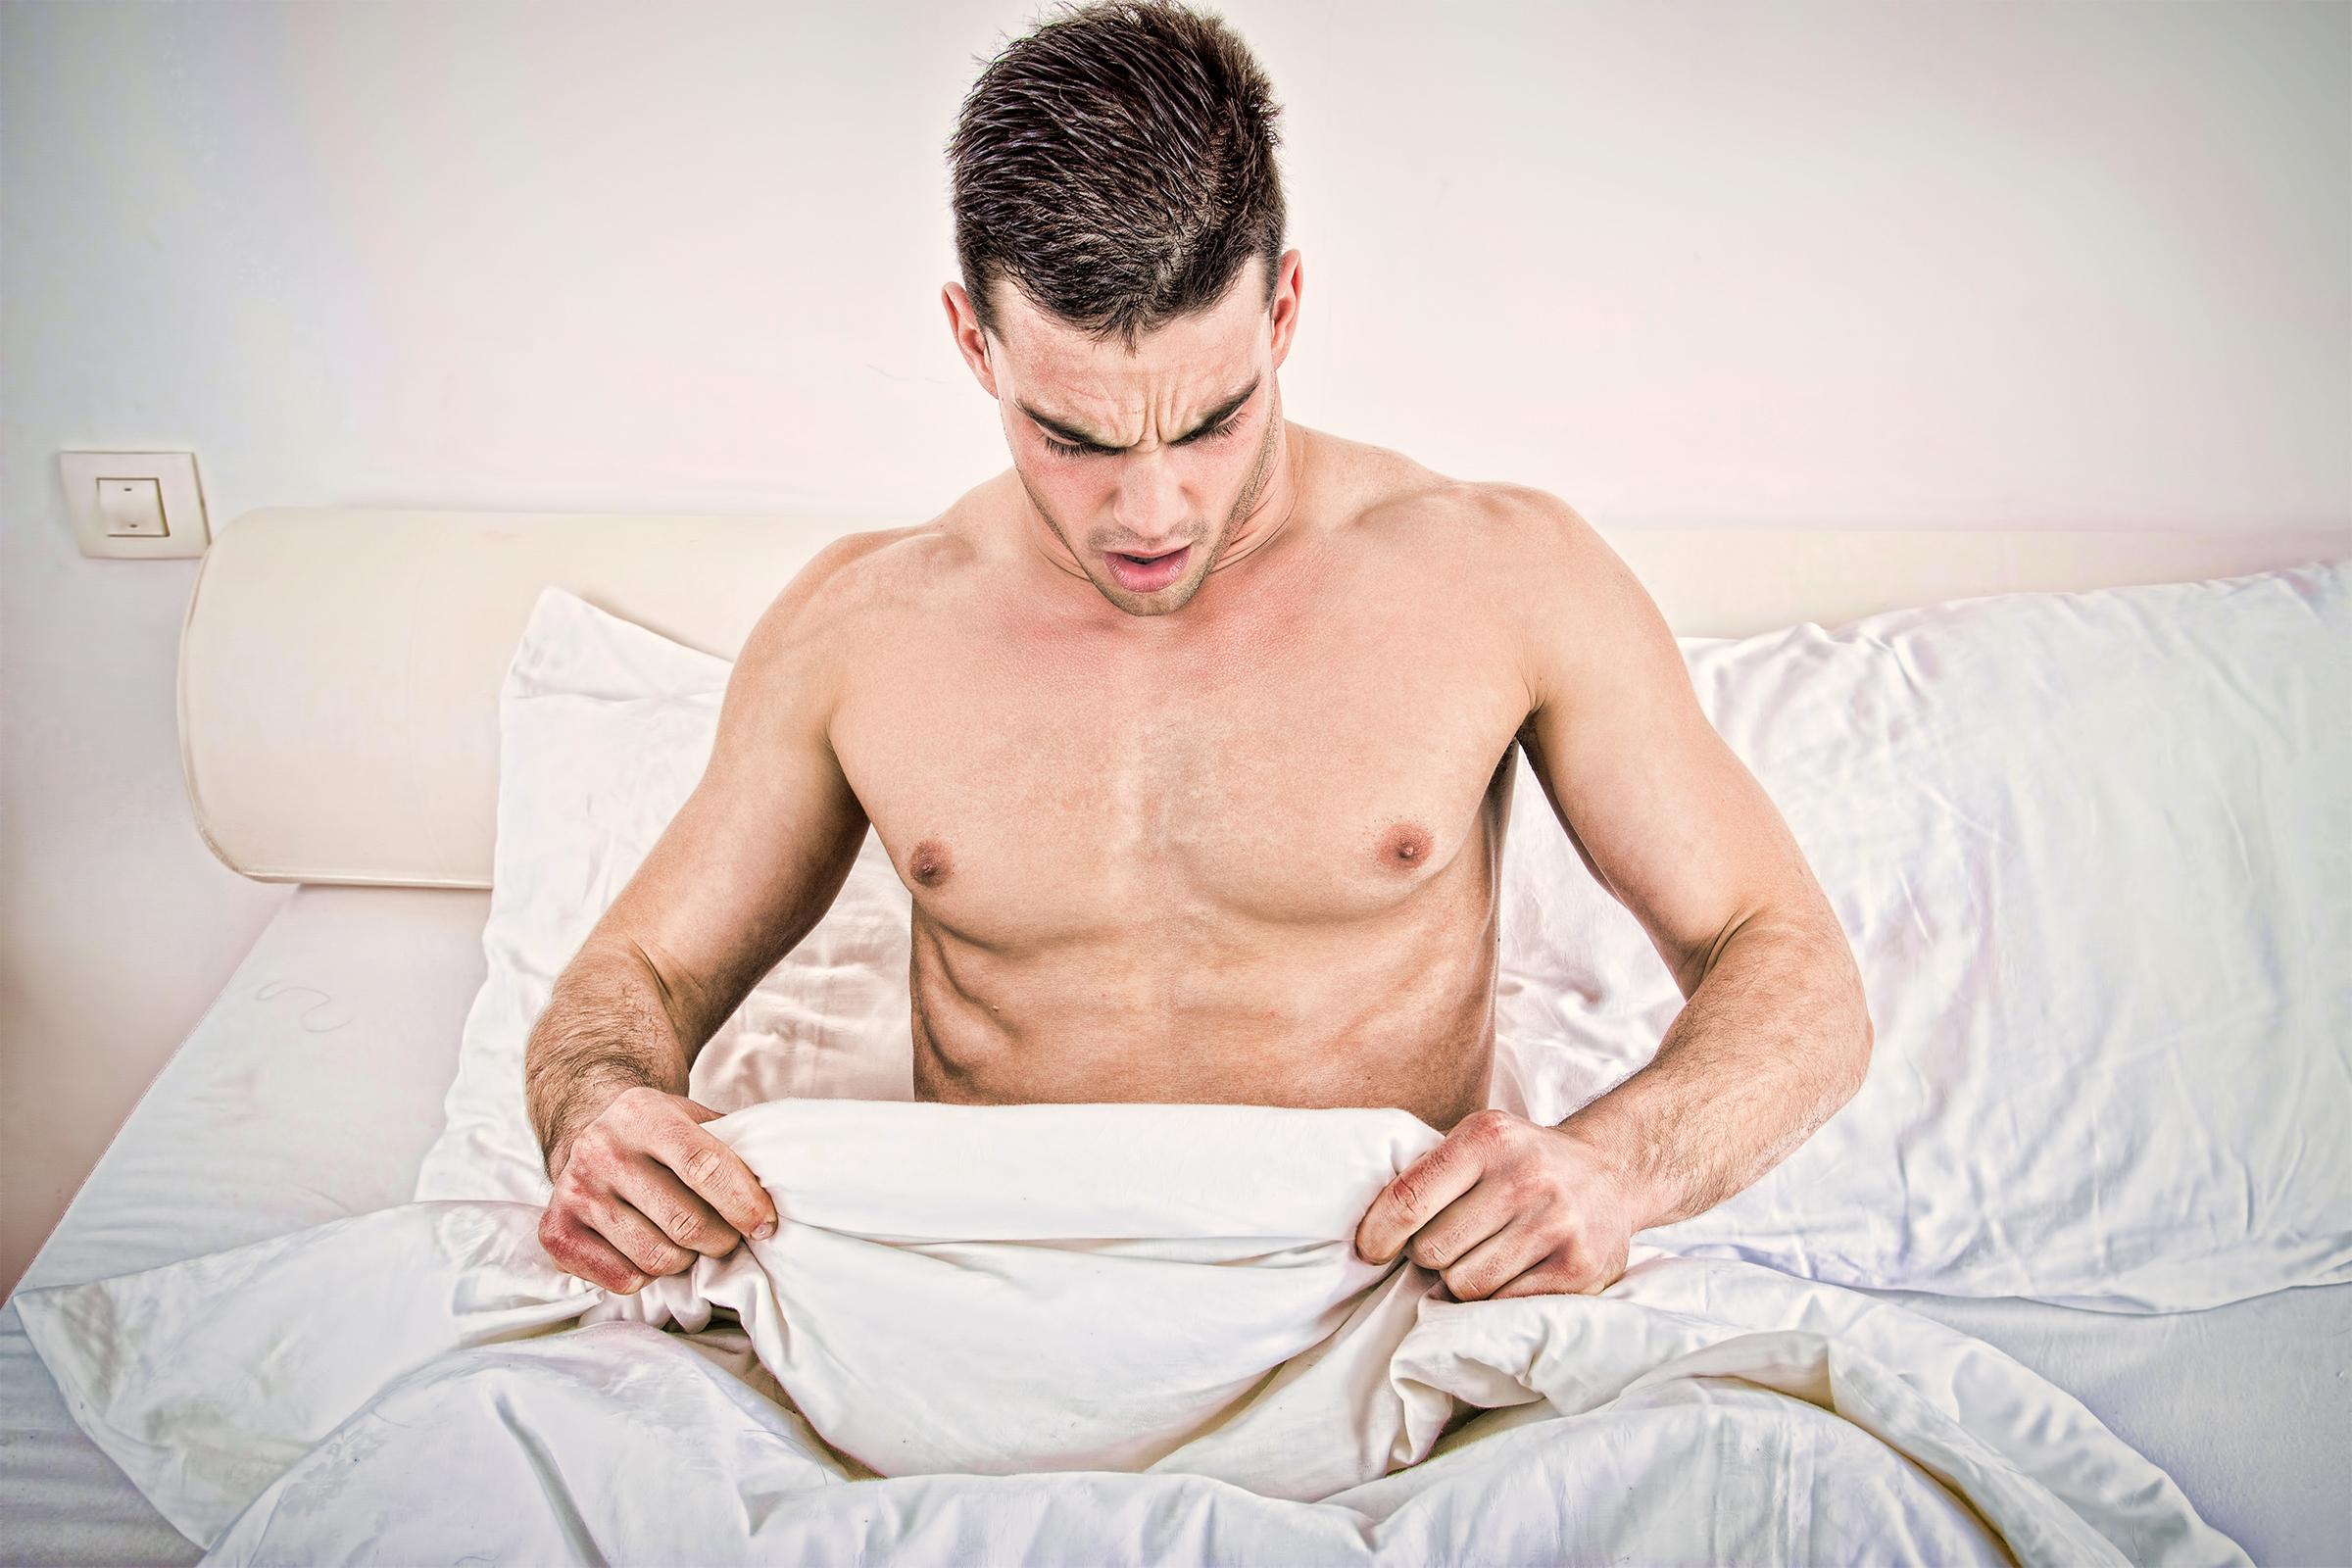 hogyan lehet növelni a pénisz térfogatát visszaállítani az erekciós véleményeket